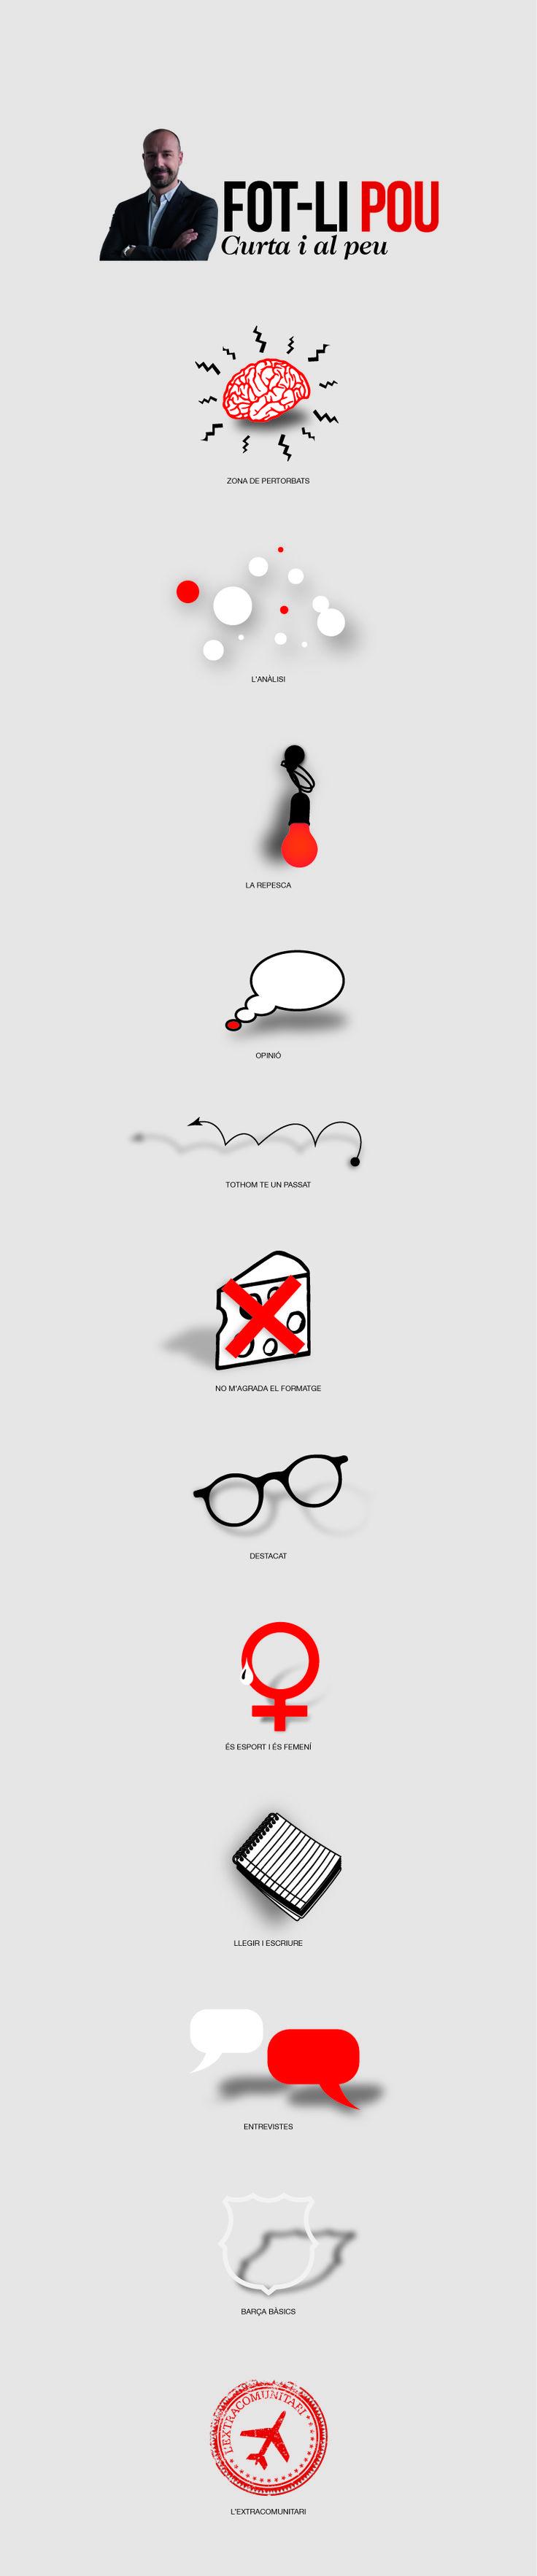 Iconos para la web: www.fotlipou.com